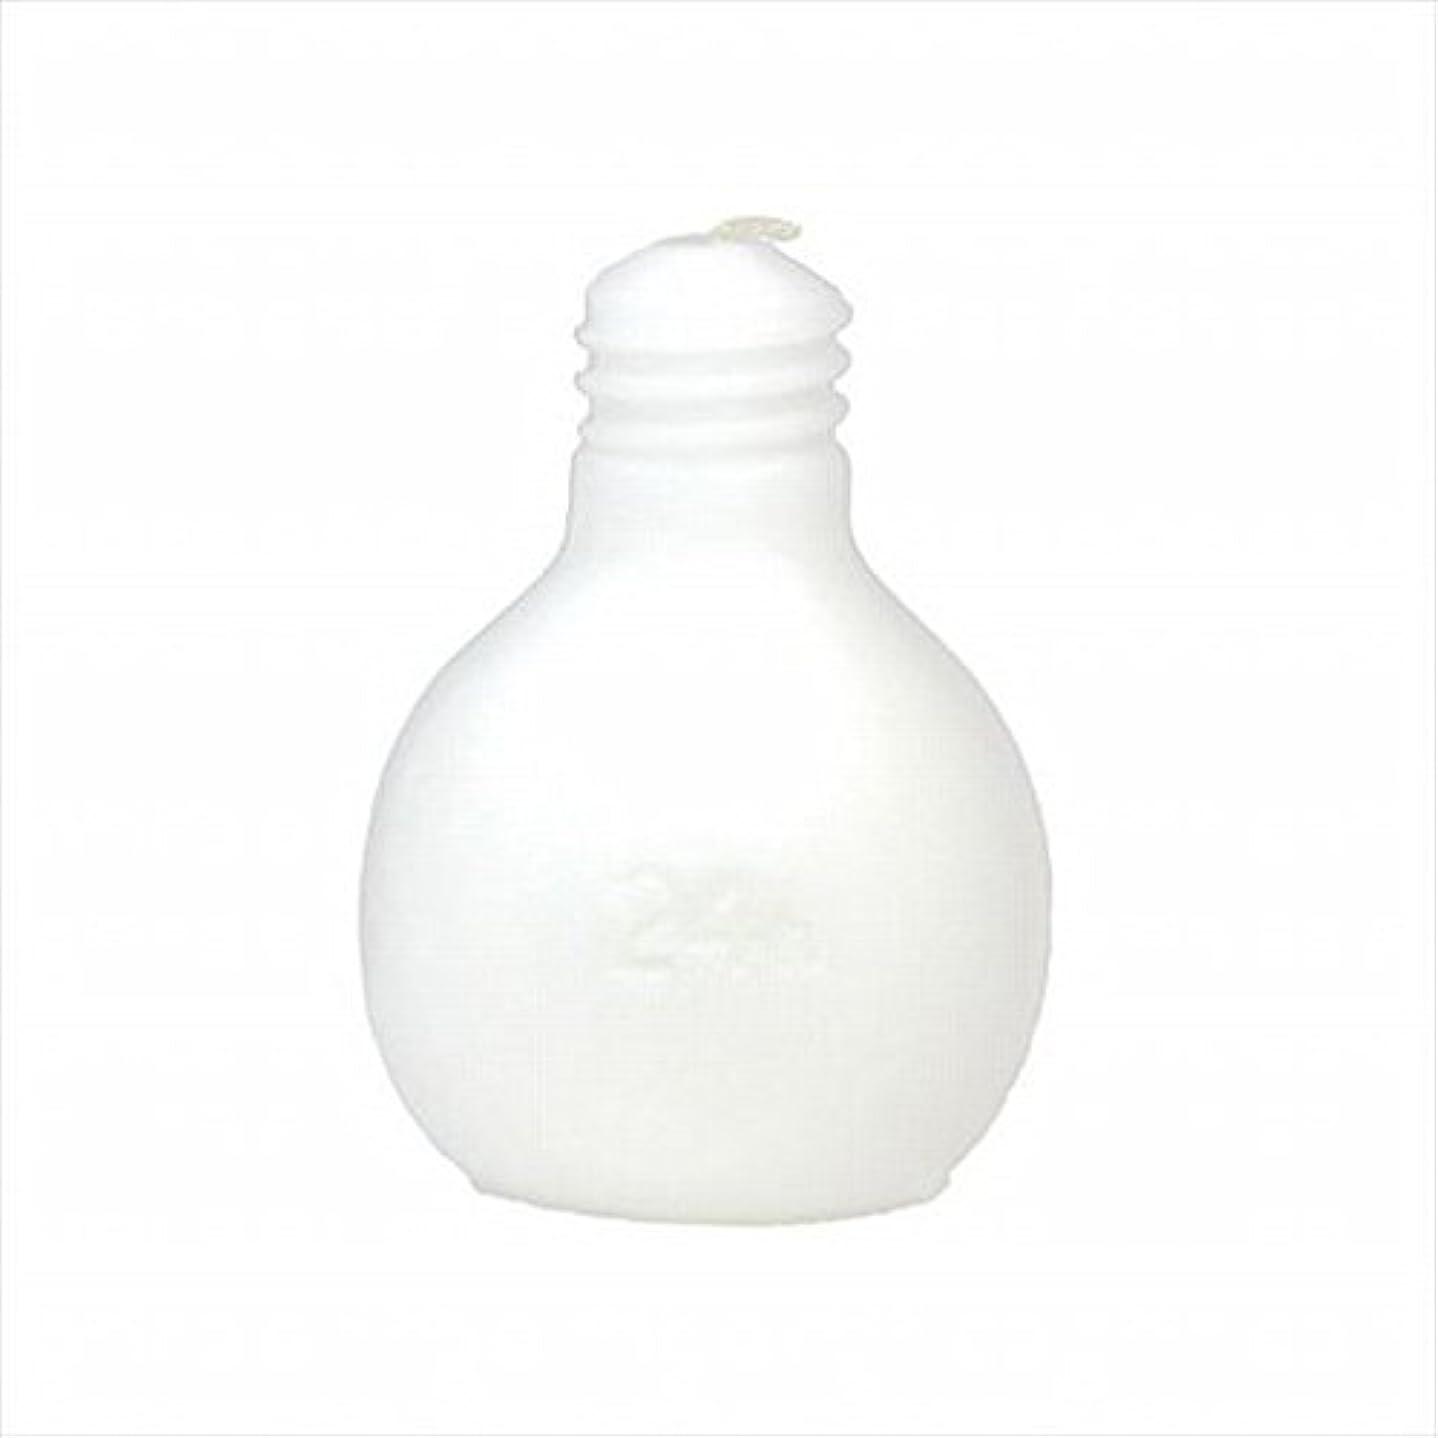 床を掃除する路面電車スクレーパーkameyama candle(カメヤマキャンドル) 節電球キャンドル 「 ホワイト 」 キャンドル 75x75x98mm (A4220000W)